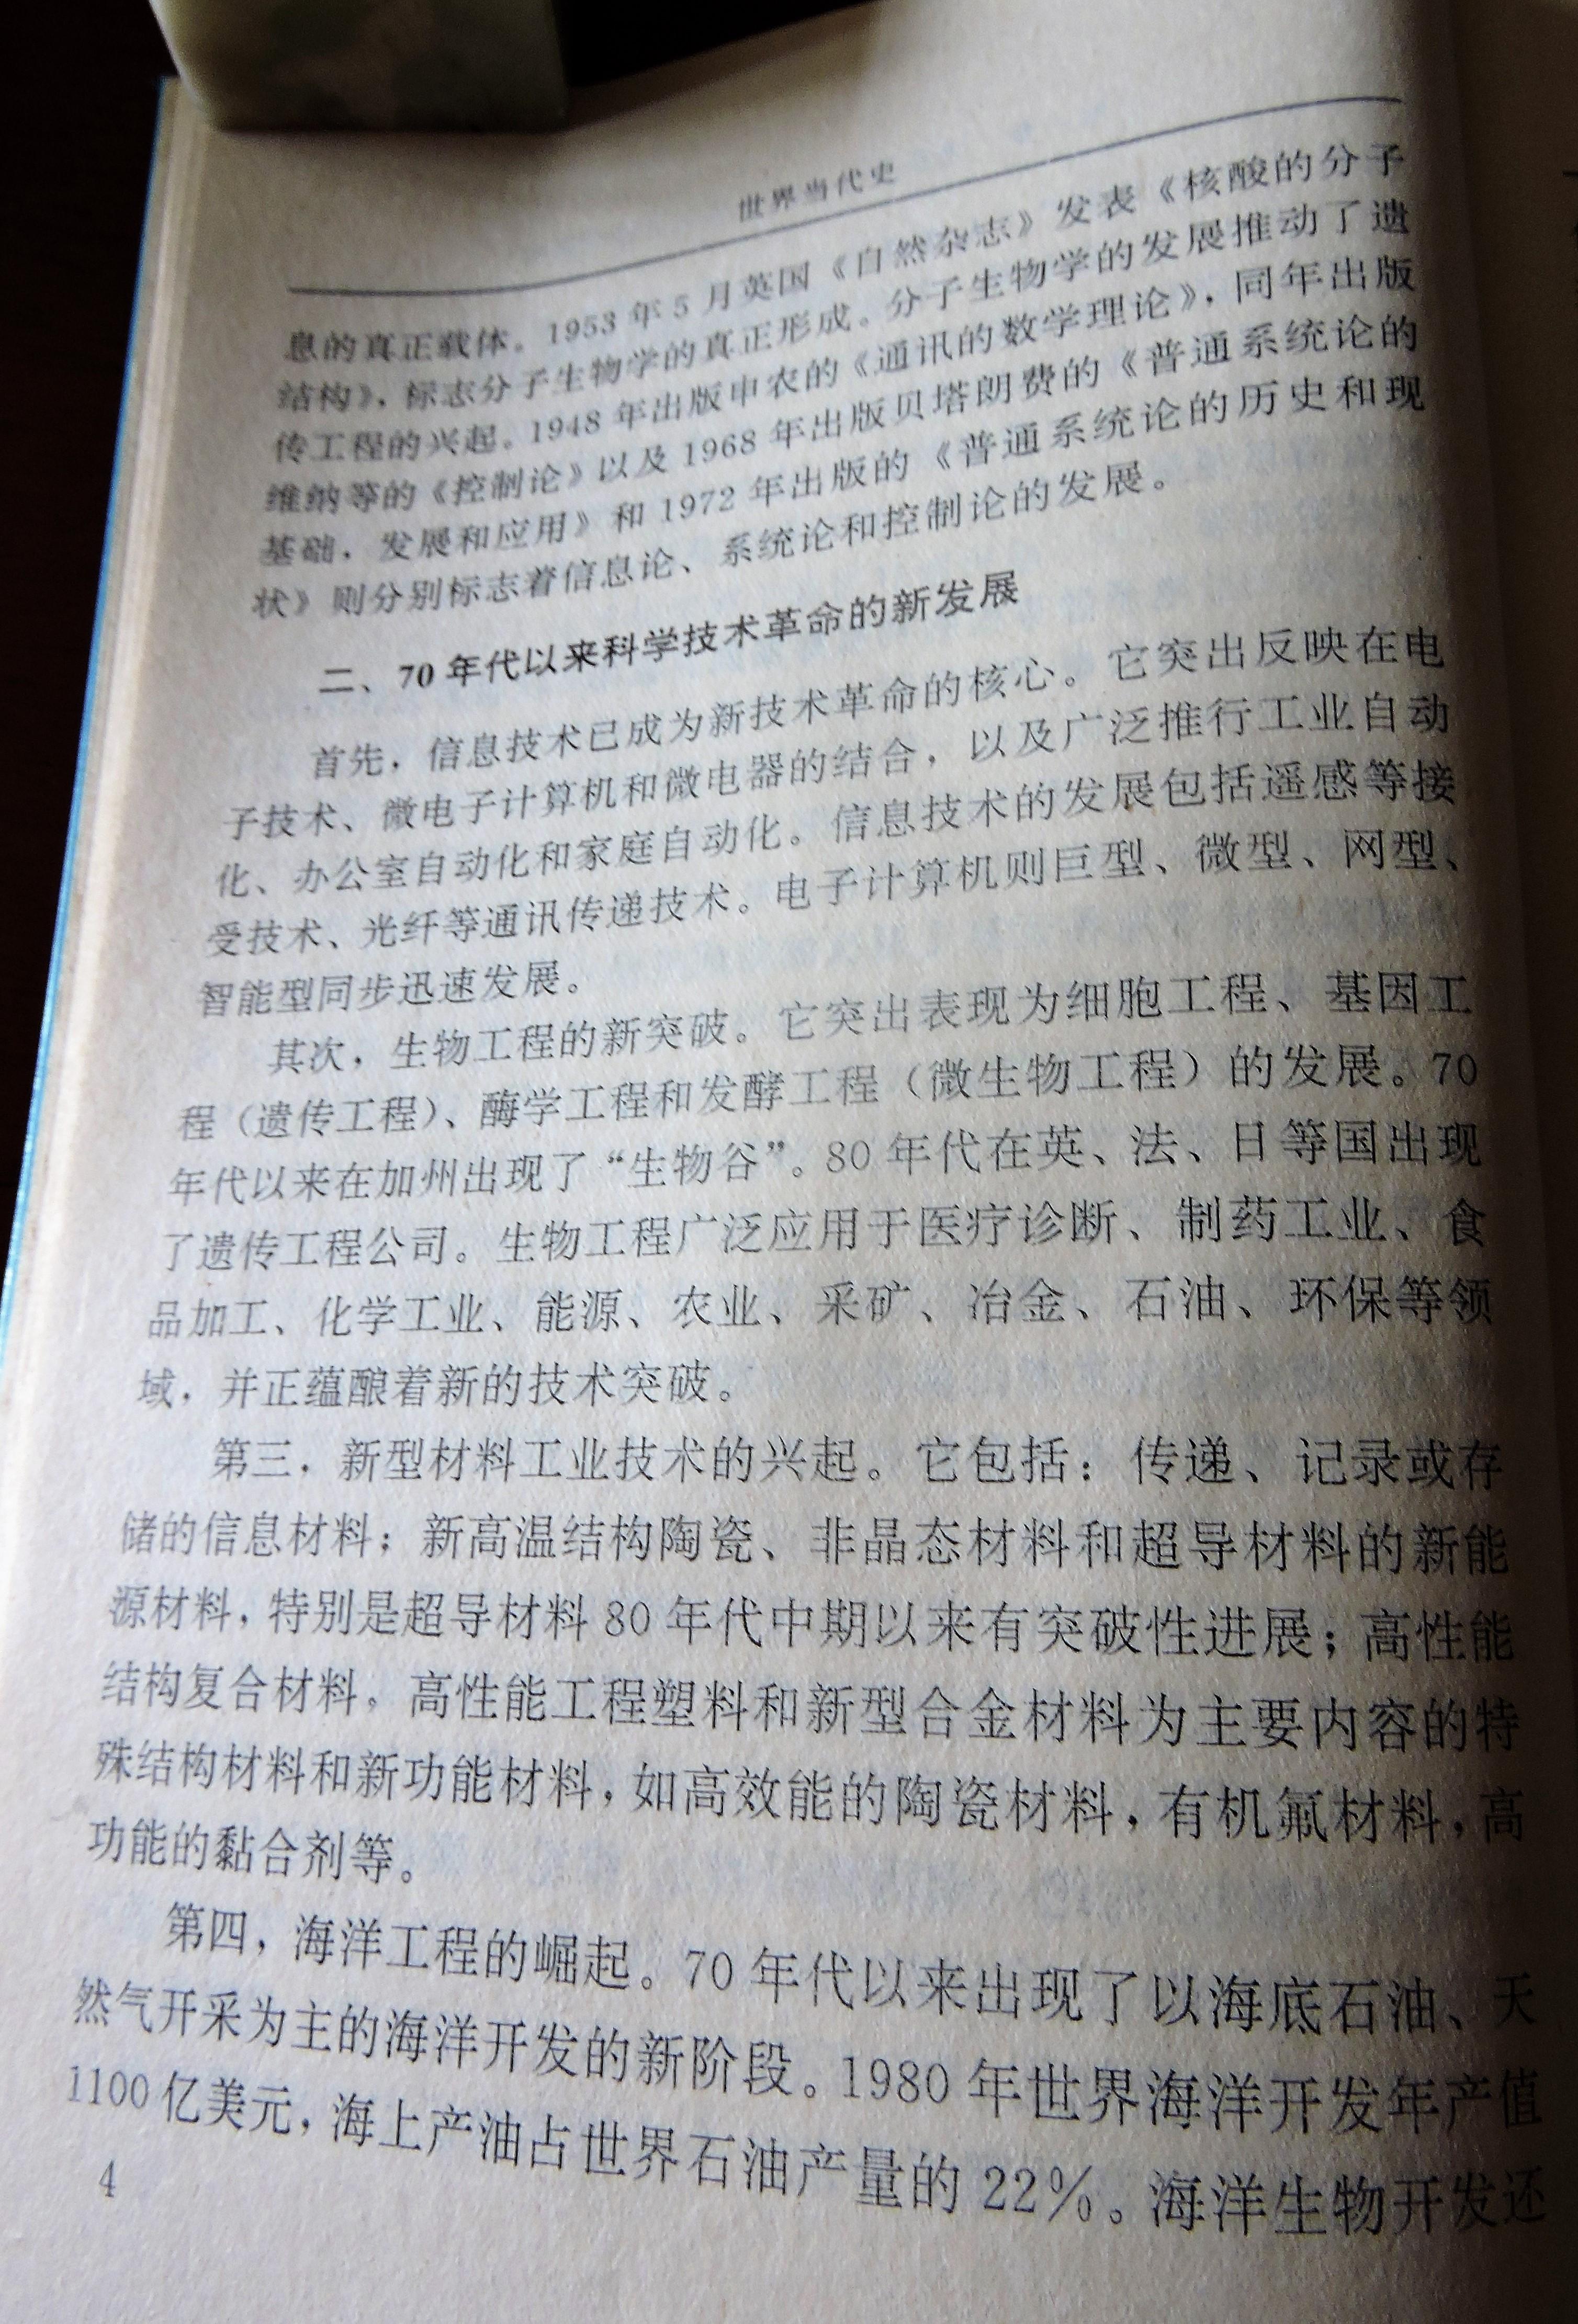 4 DSCN7947.jpg